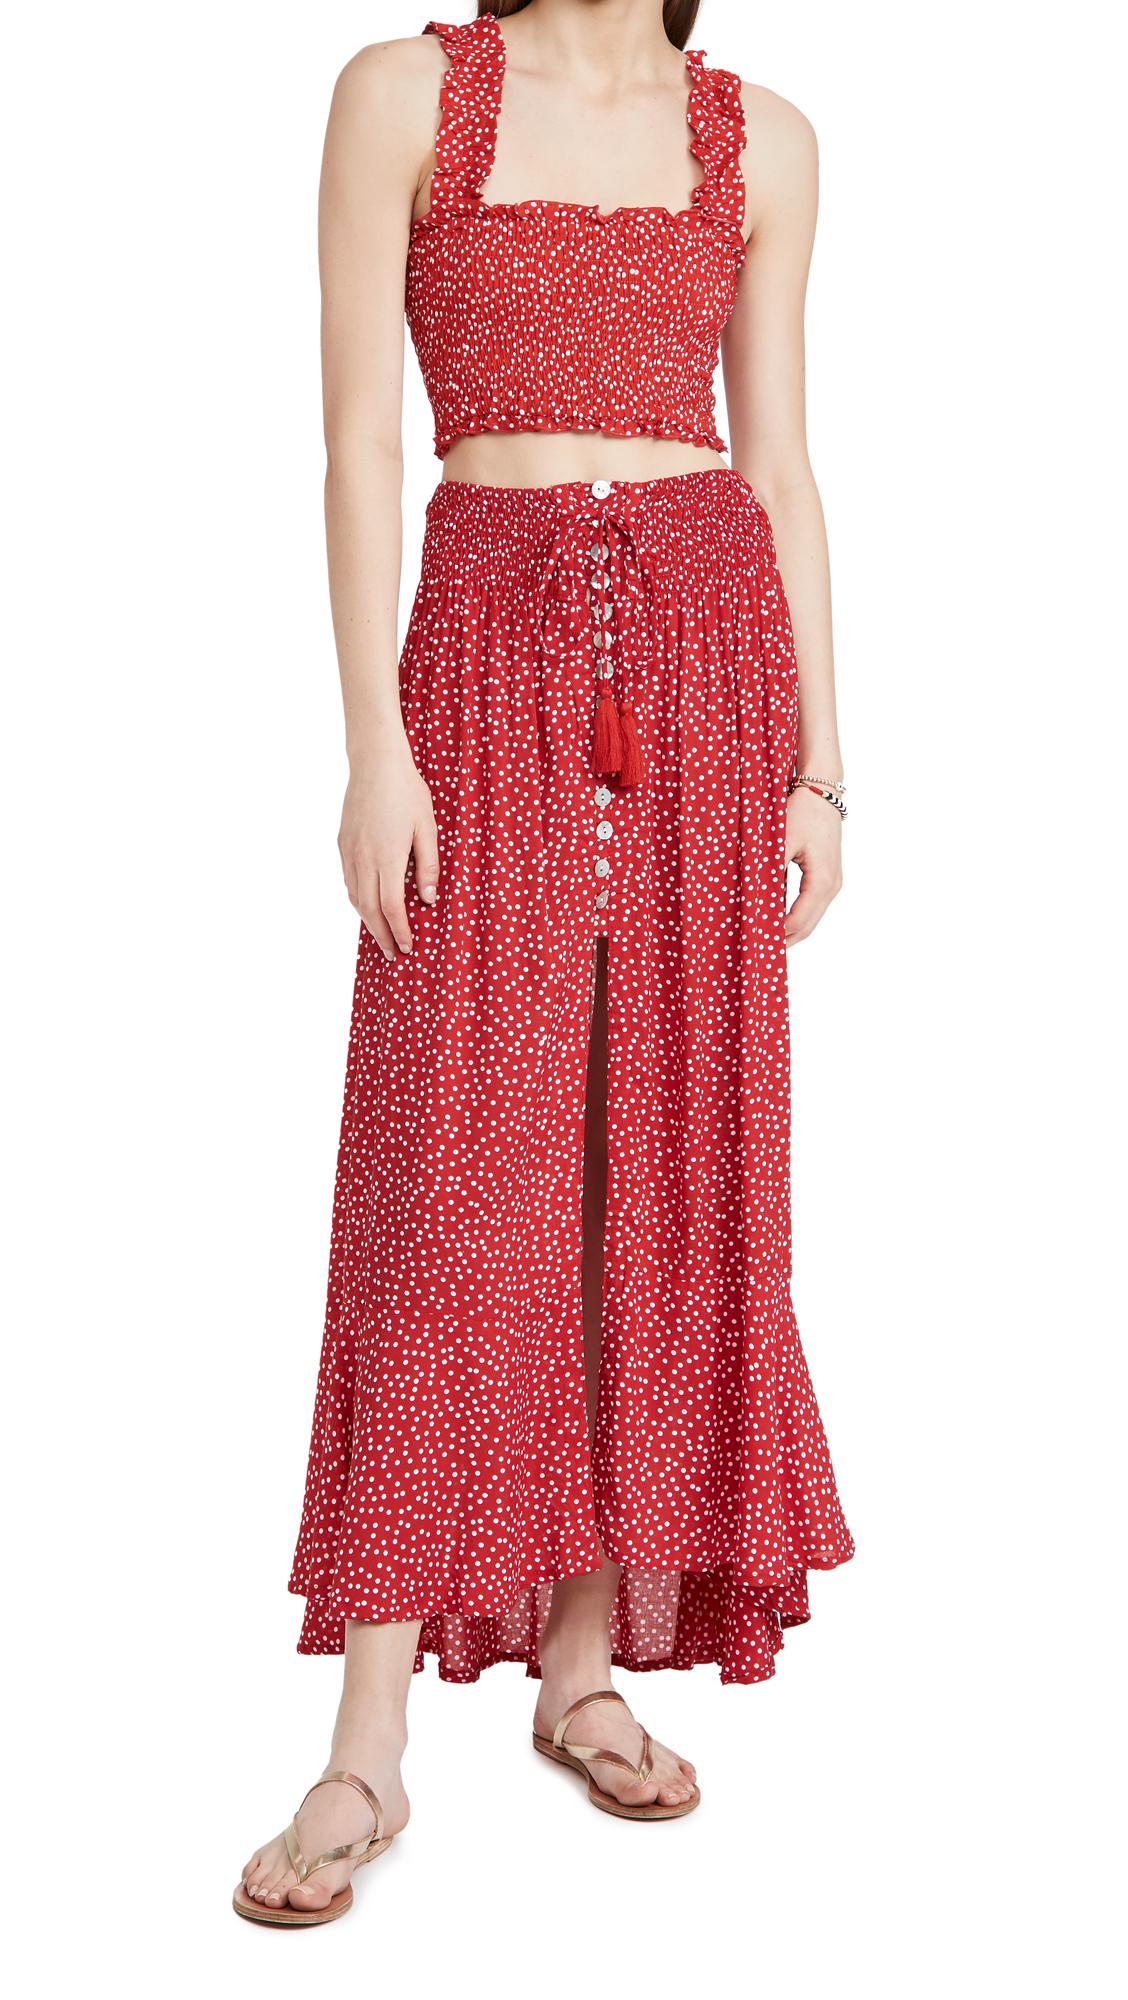 TIARE HAWAII Angie Top with Dakota Skirt Set